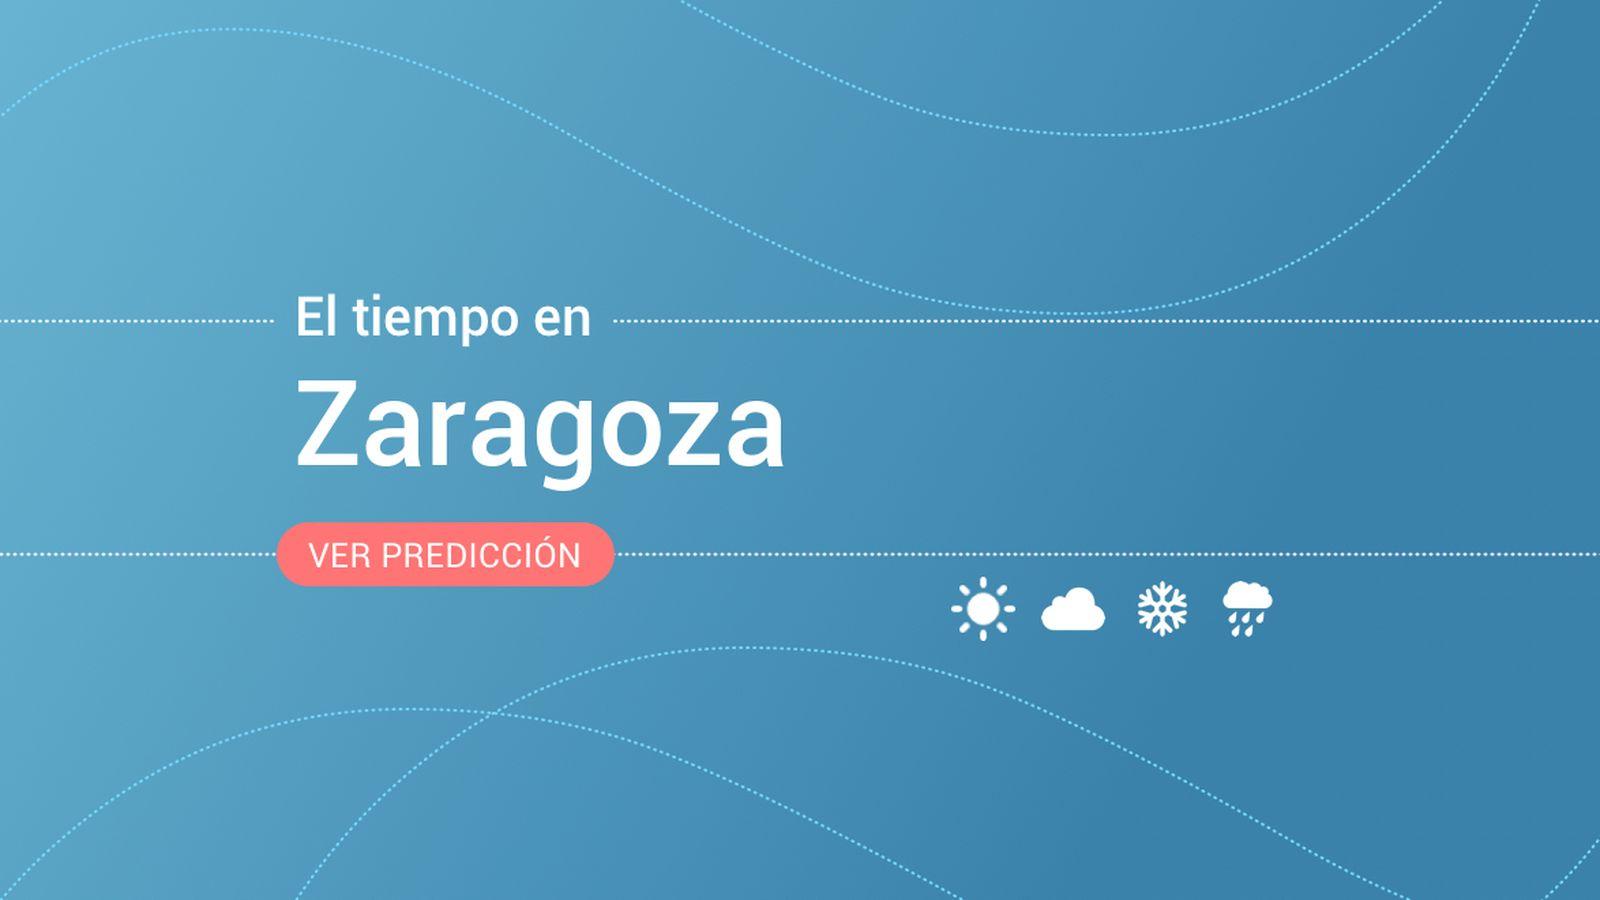 Foto: El tiempo en Zaragoza. (EC)